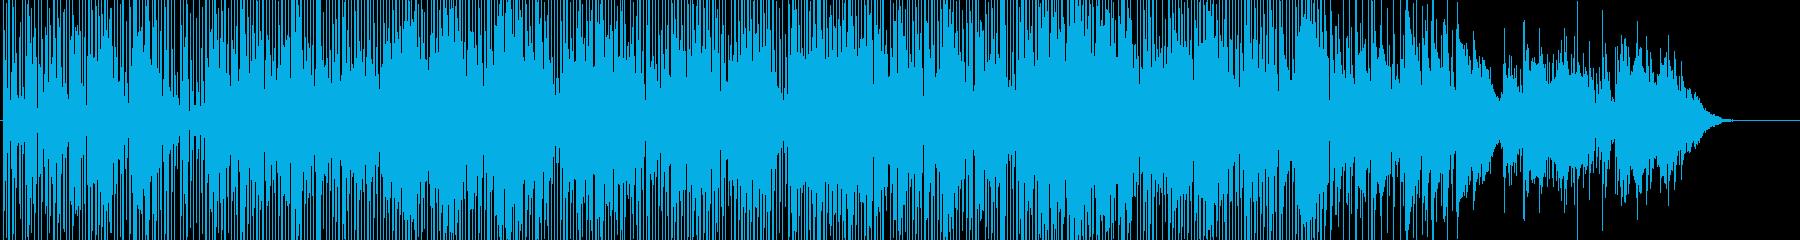 ワールドインストゥルメンタル。スペ...の再生済みの波形